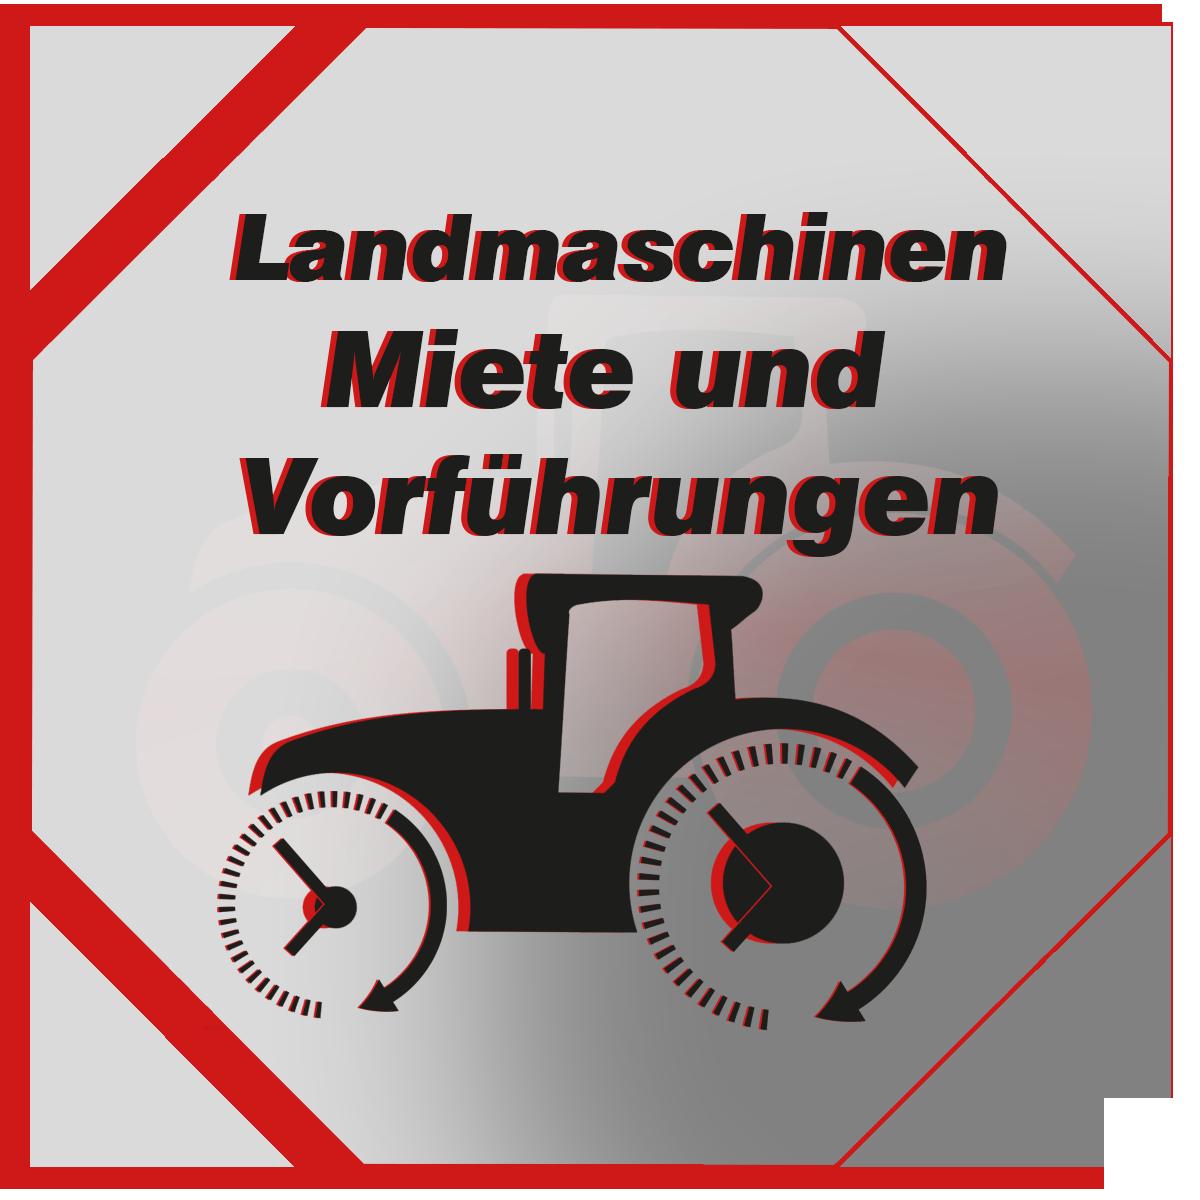 Miete und Vorführungen von Landmaschinen